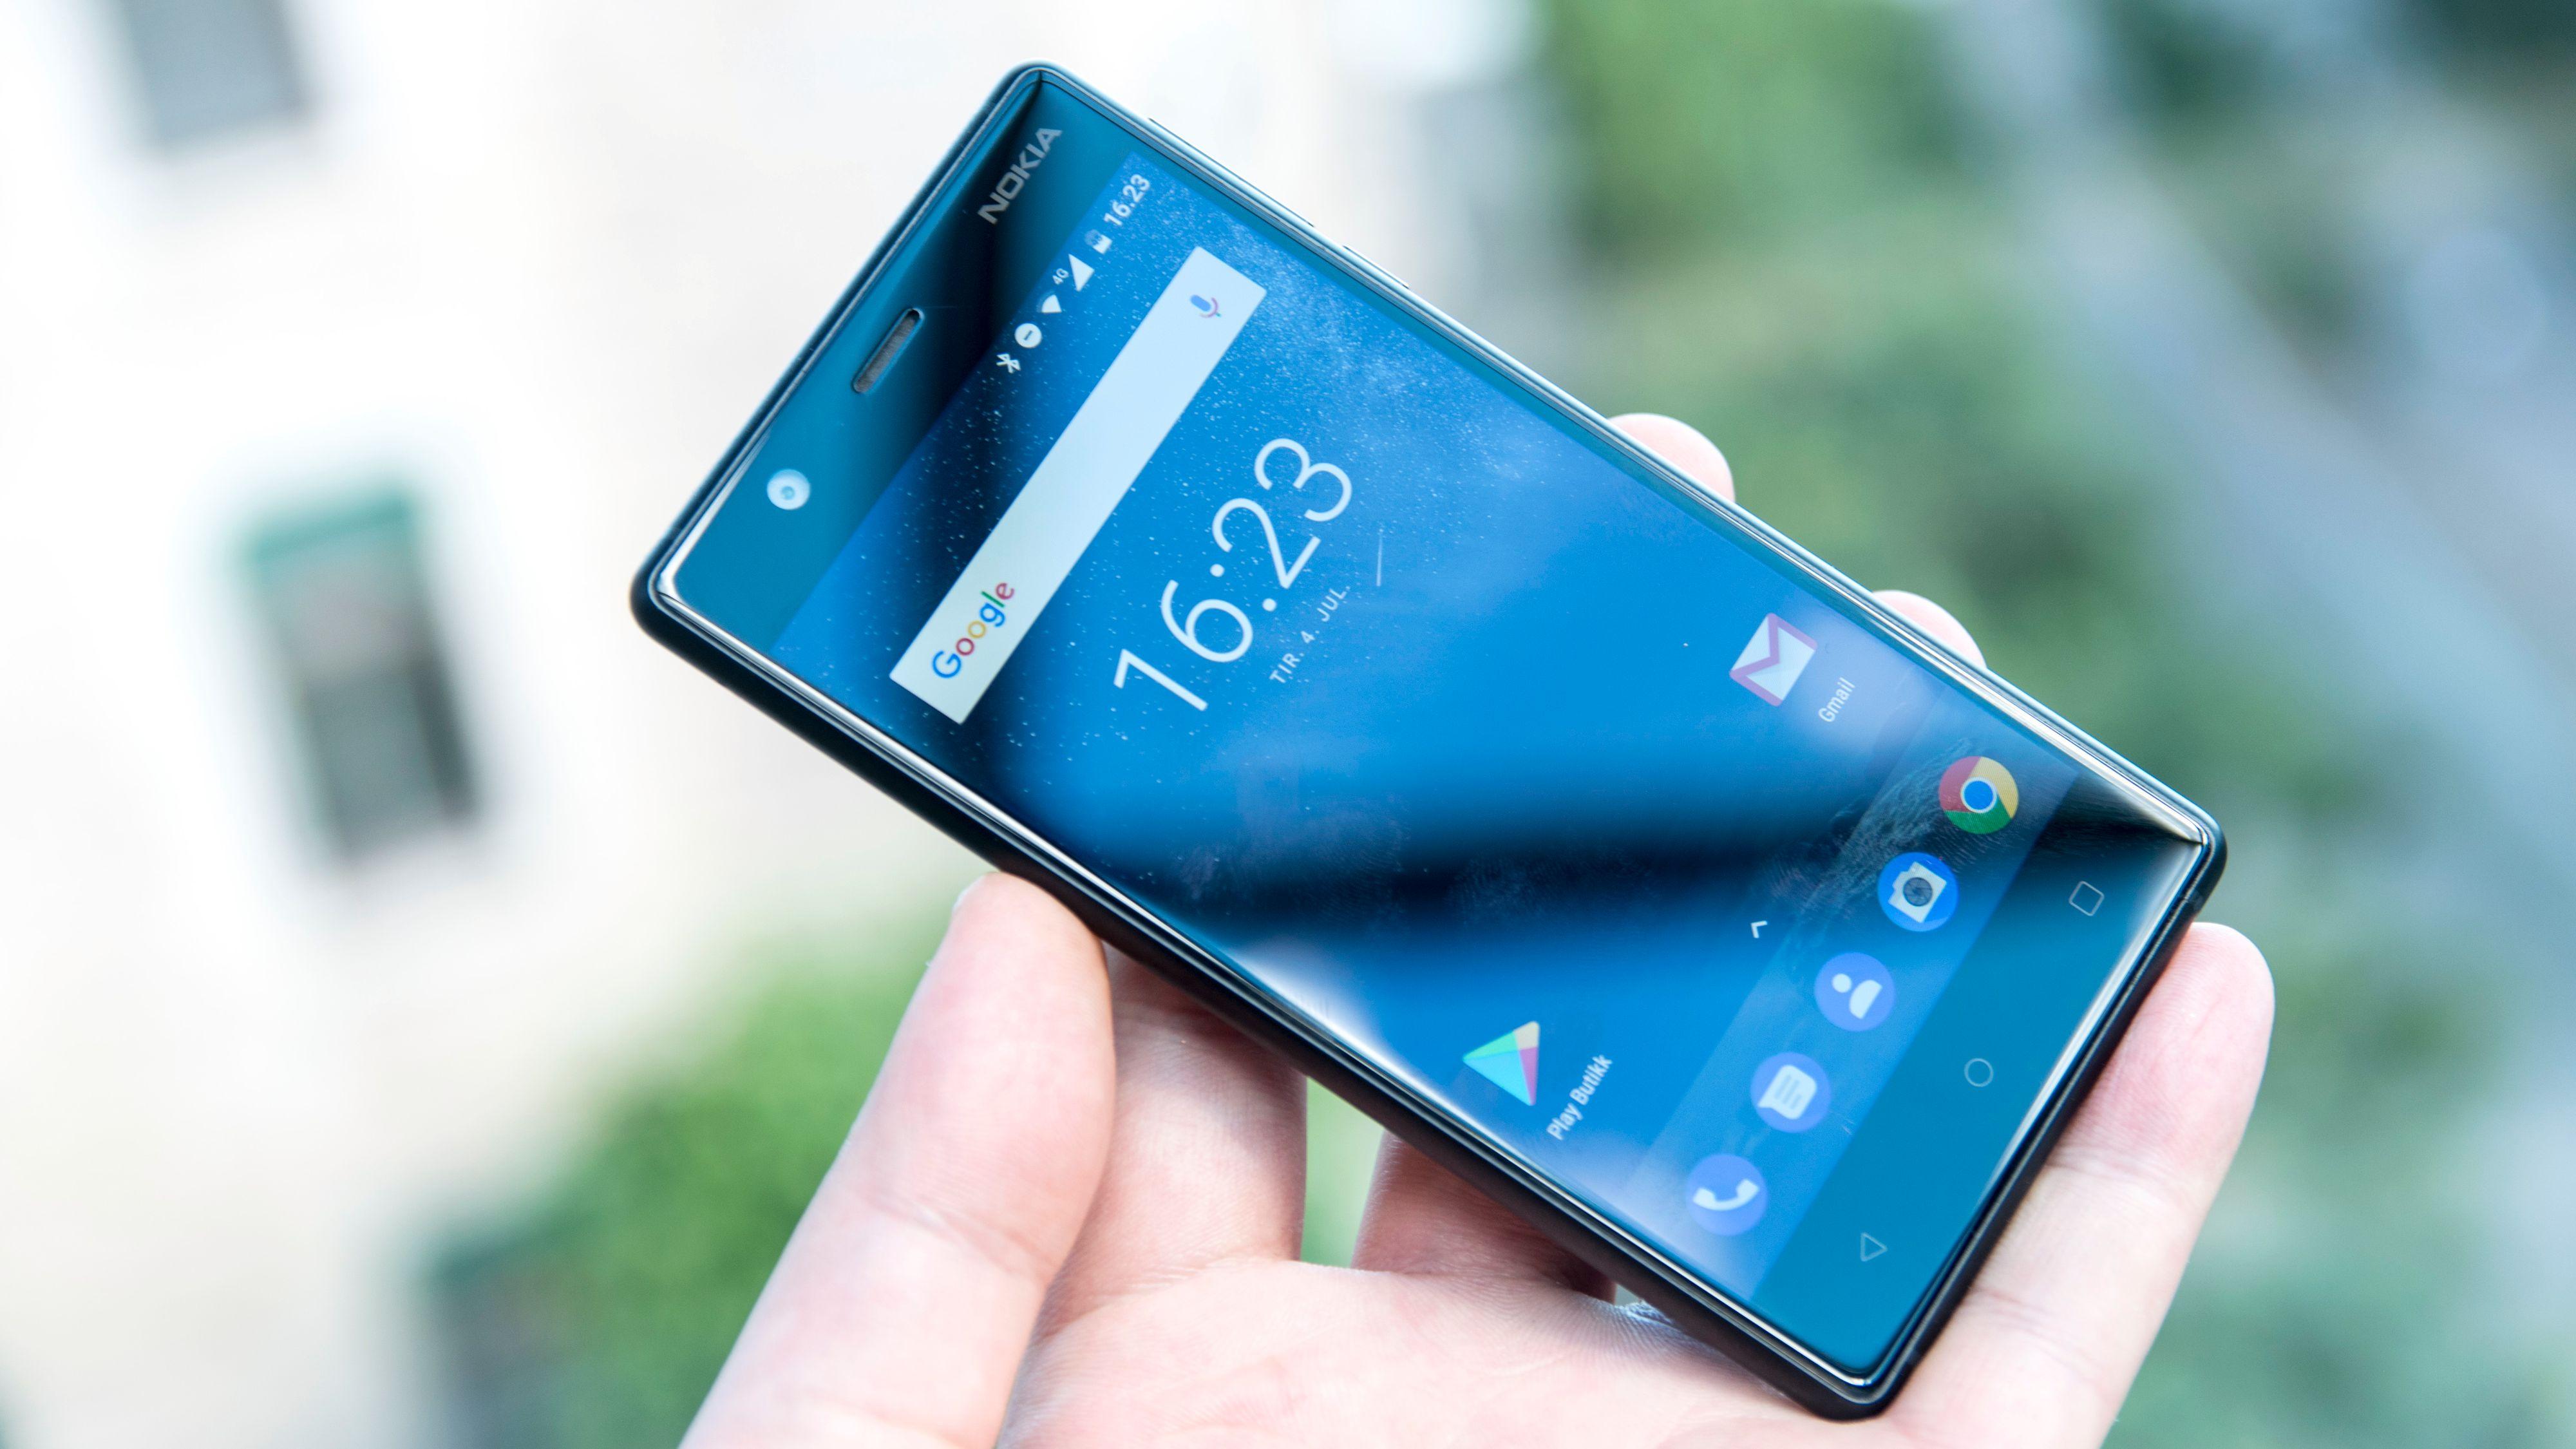 For 10 år siden så verdens første Android mobil dagens lys